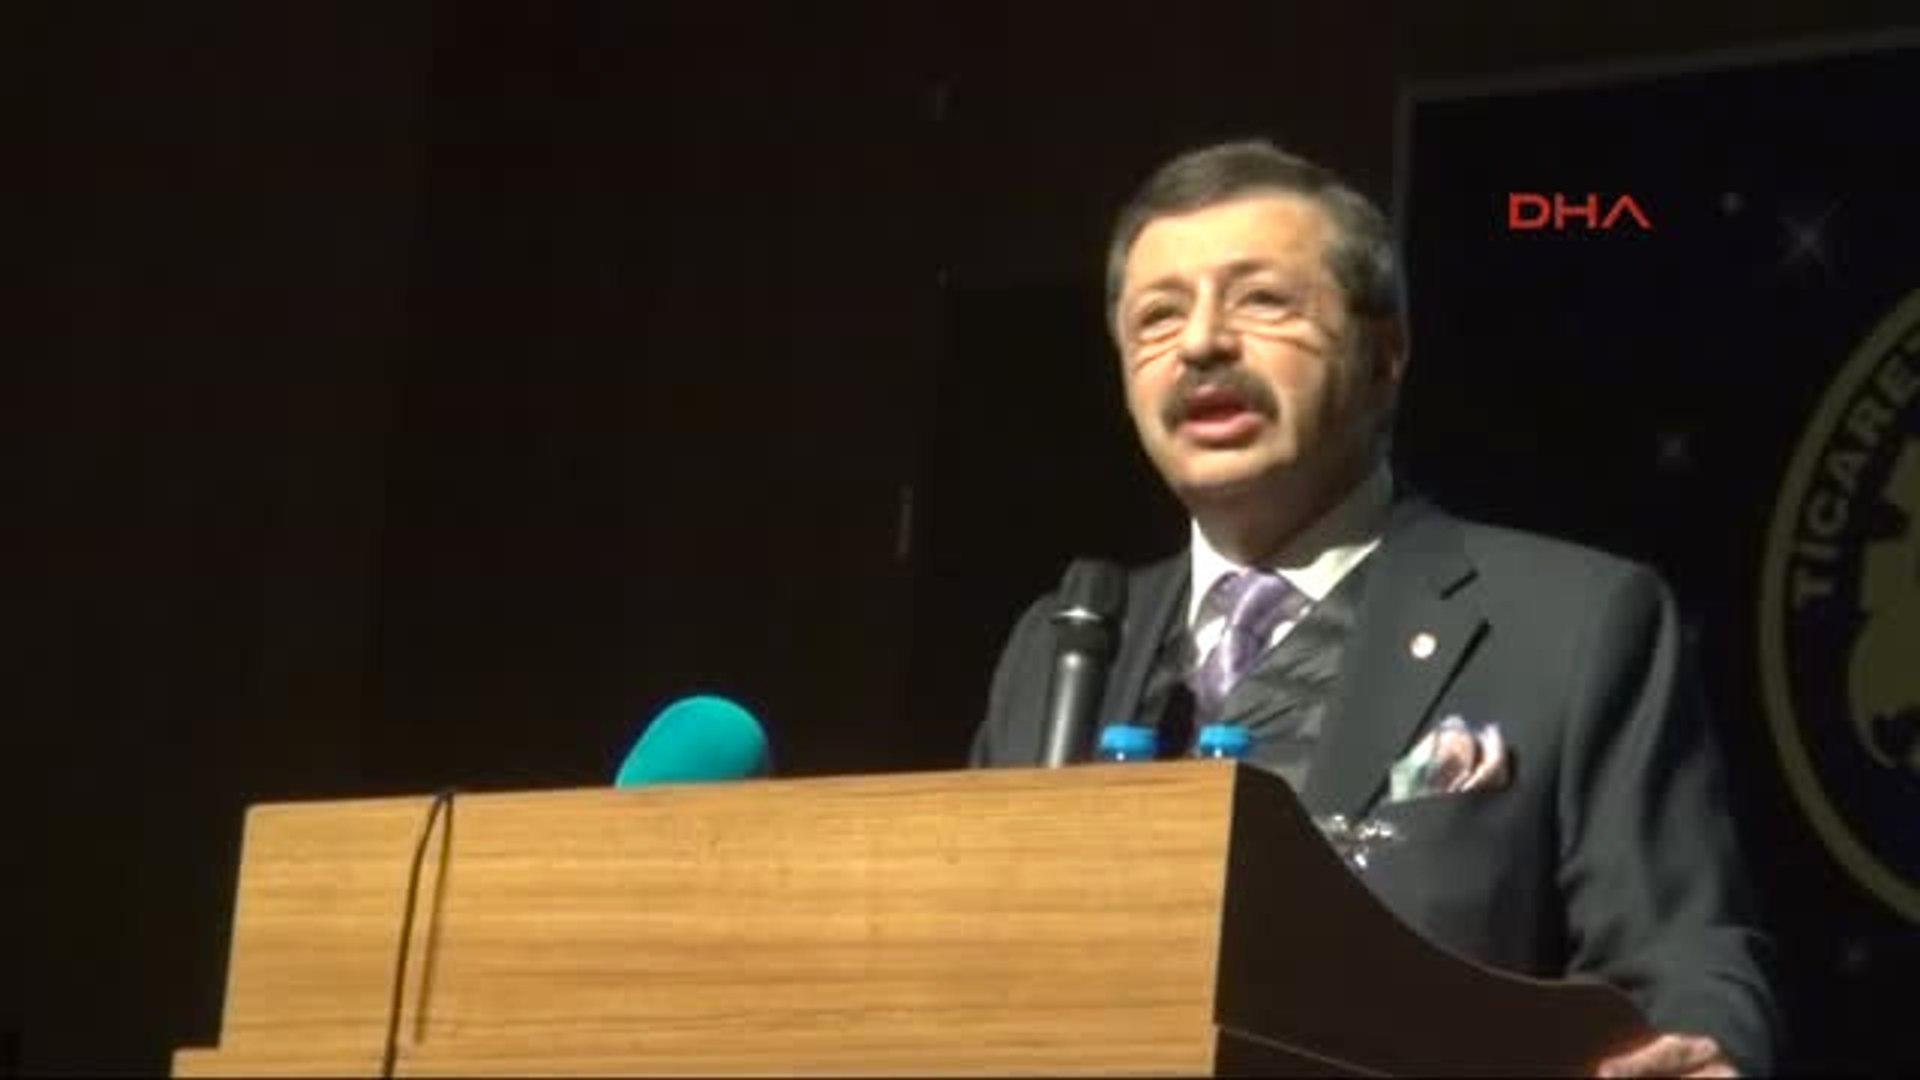 Zonguldak TOBB Başkanı Hisarcıklıoğlu: Yerli Otomobil 2020 veya 2022'de Tamamen Elektrikli Olac